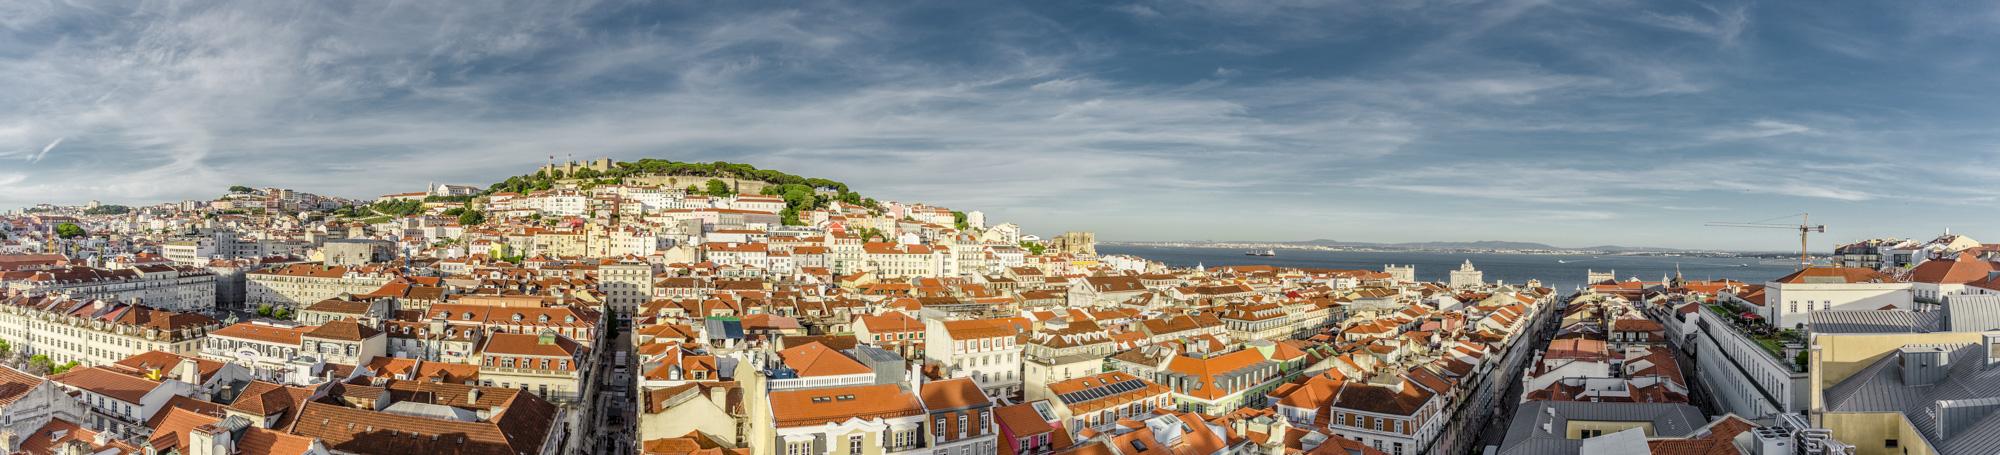 Urlaub-Portugal-109